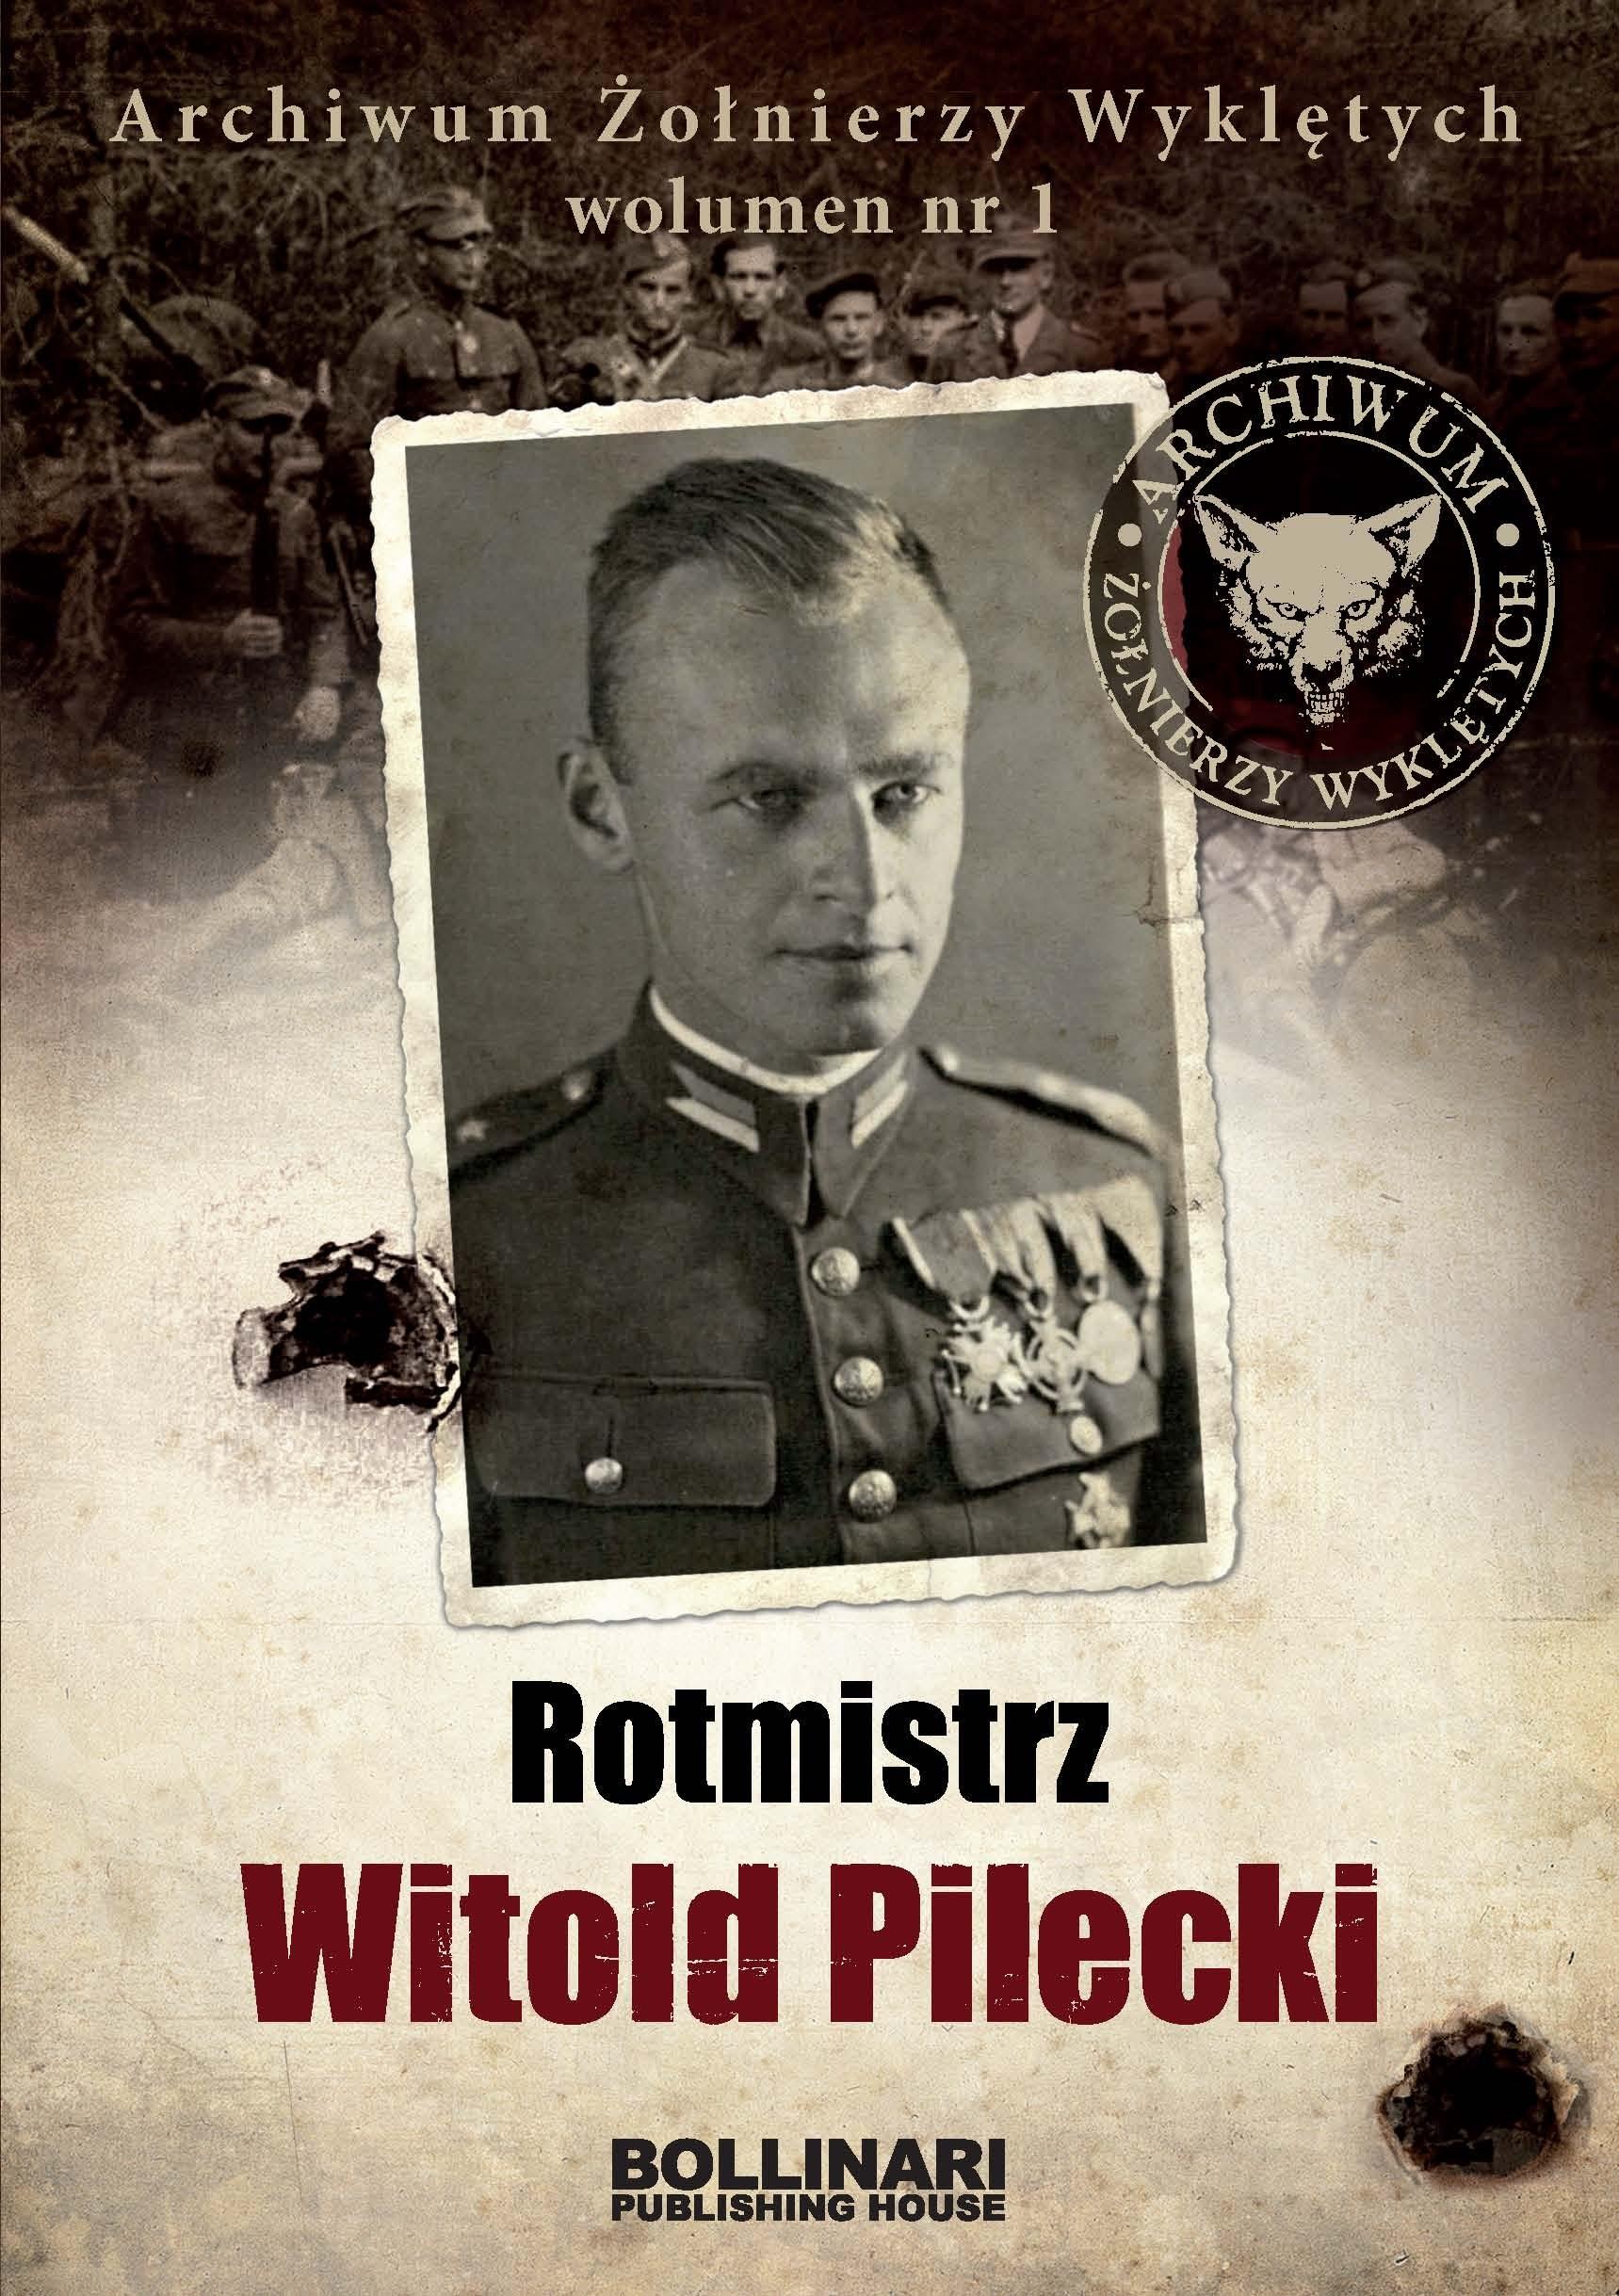 Rotmistrz Witold Pilecki (D.Kuciński)